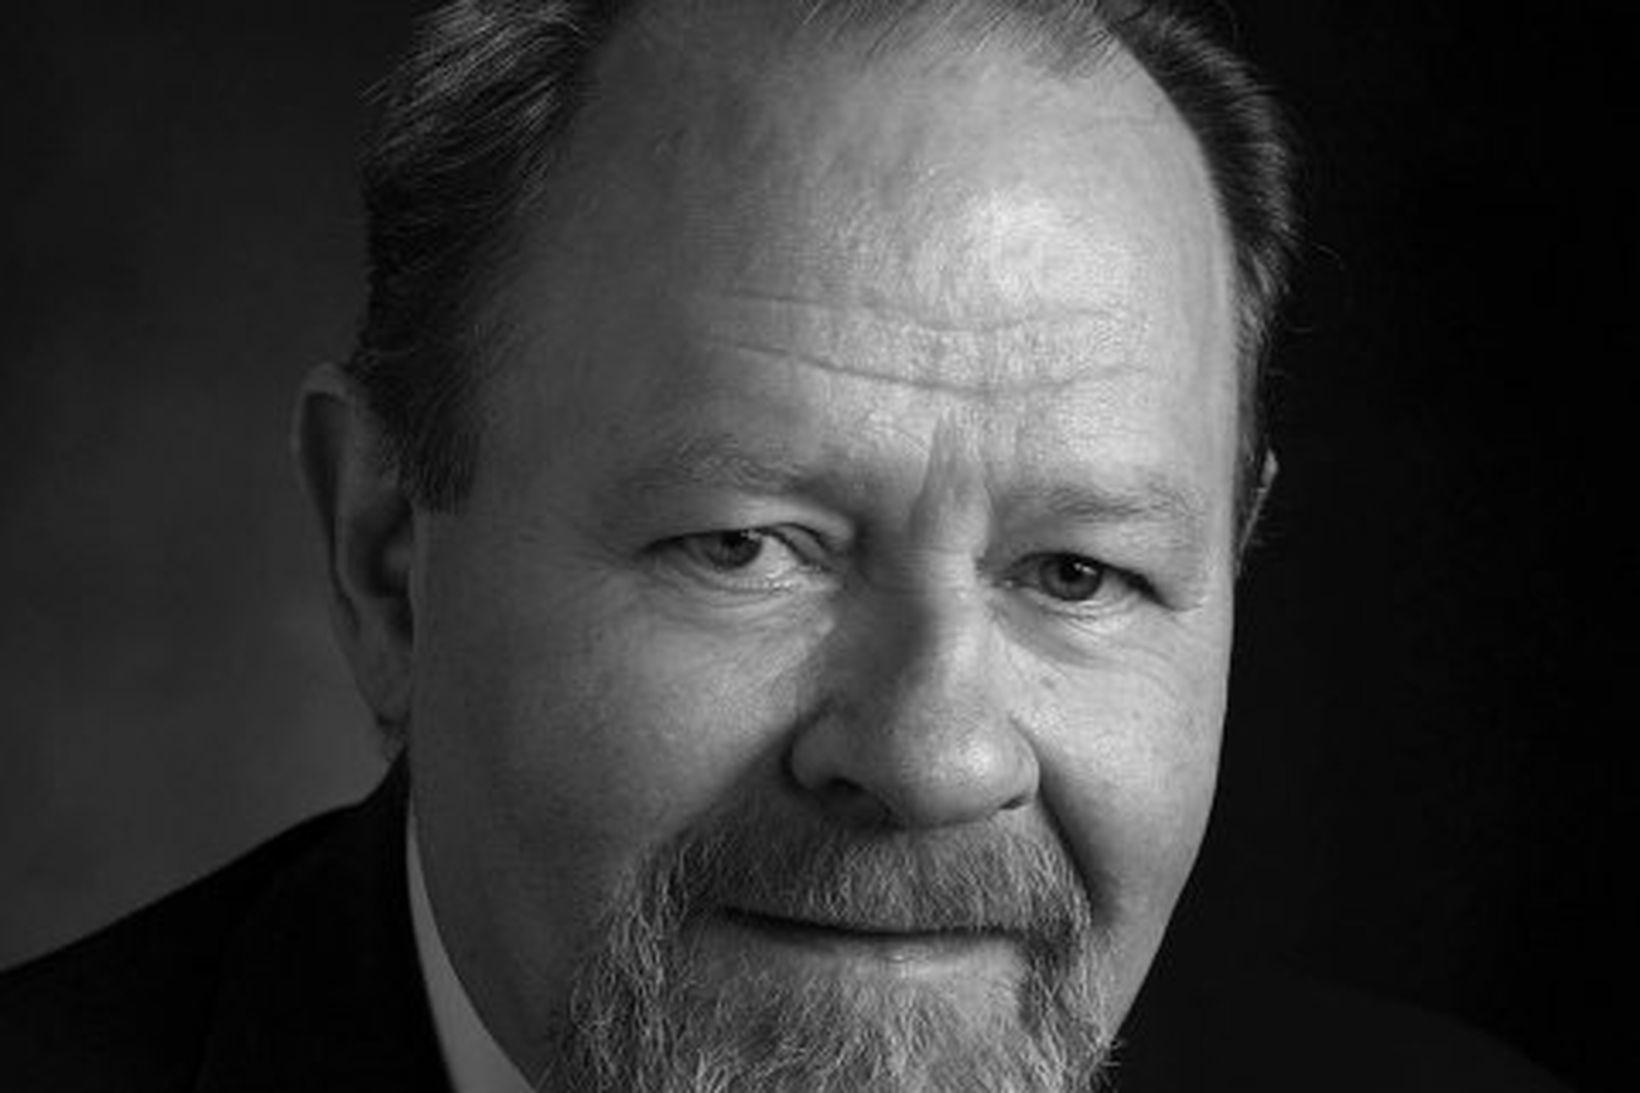 Valdimar K. Jónsson